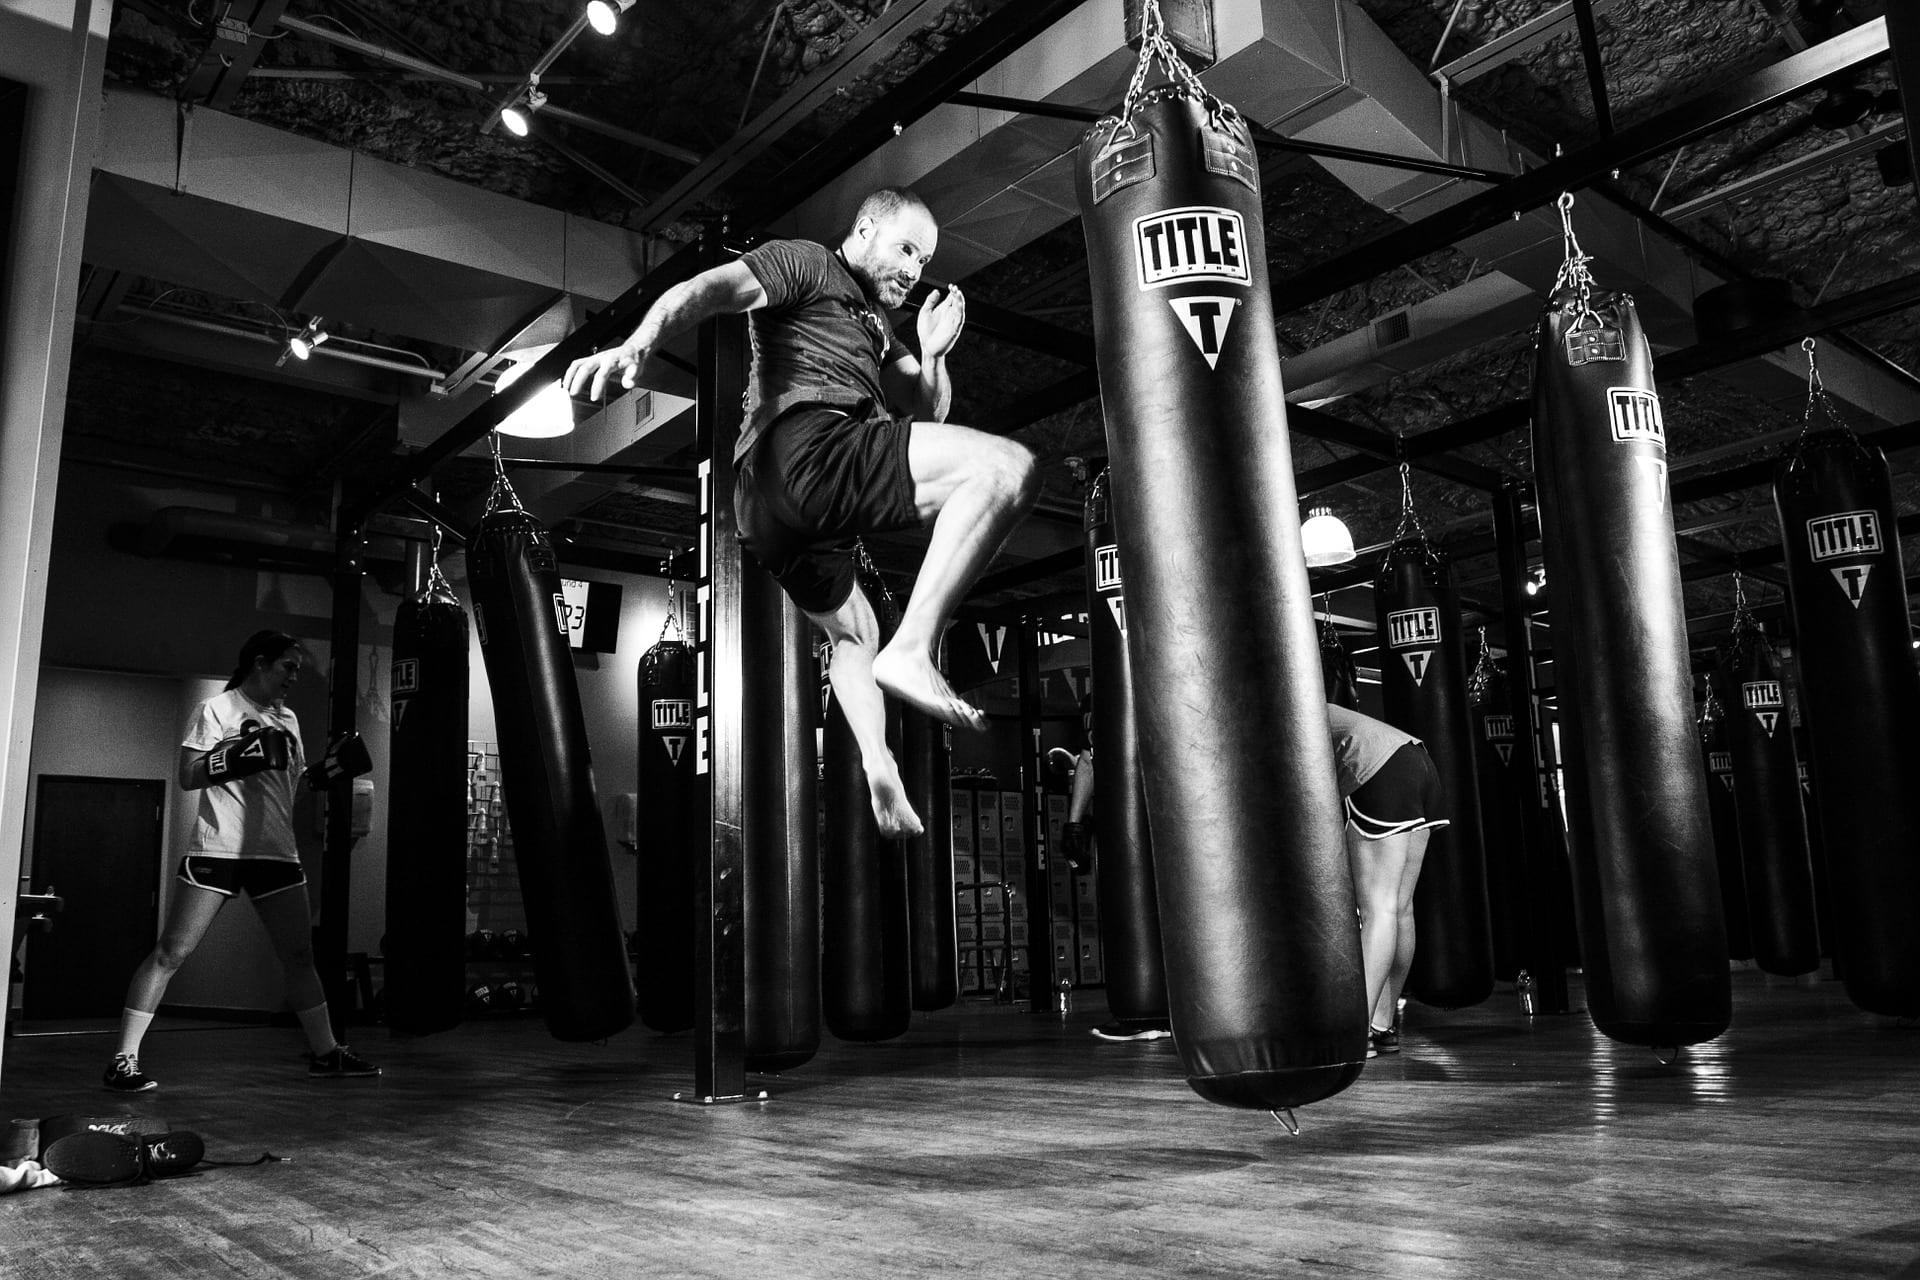 boxeur, sac de boxe, sac de frappe, explosivité, technique de boxe